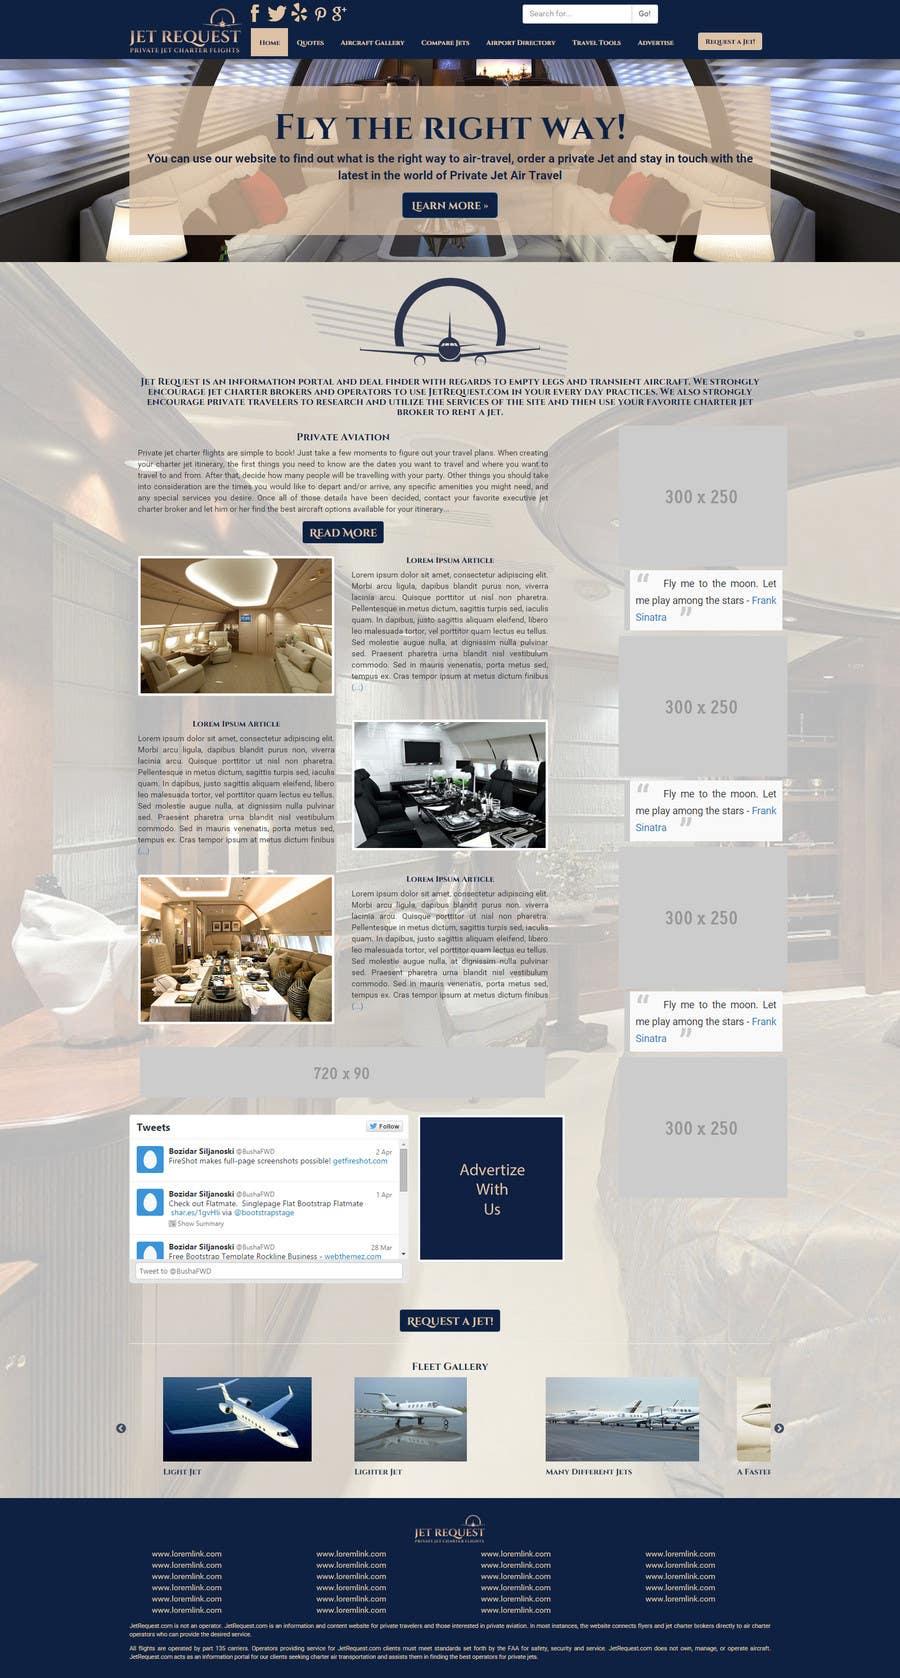 Konkurrenceindlæg #                                        24                                      for                                         Design a Website Mockup for Private Jet company